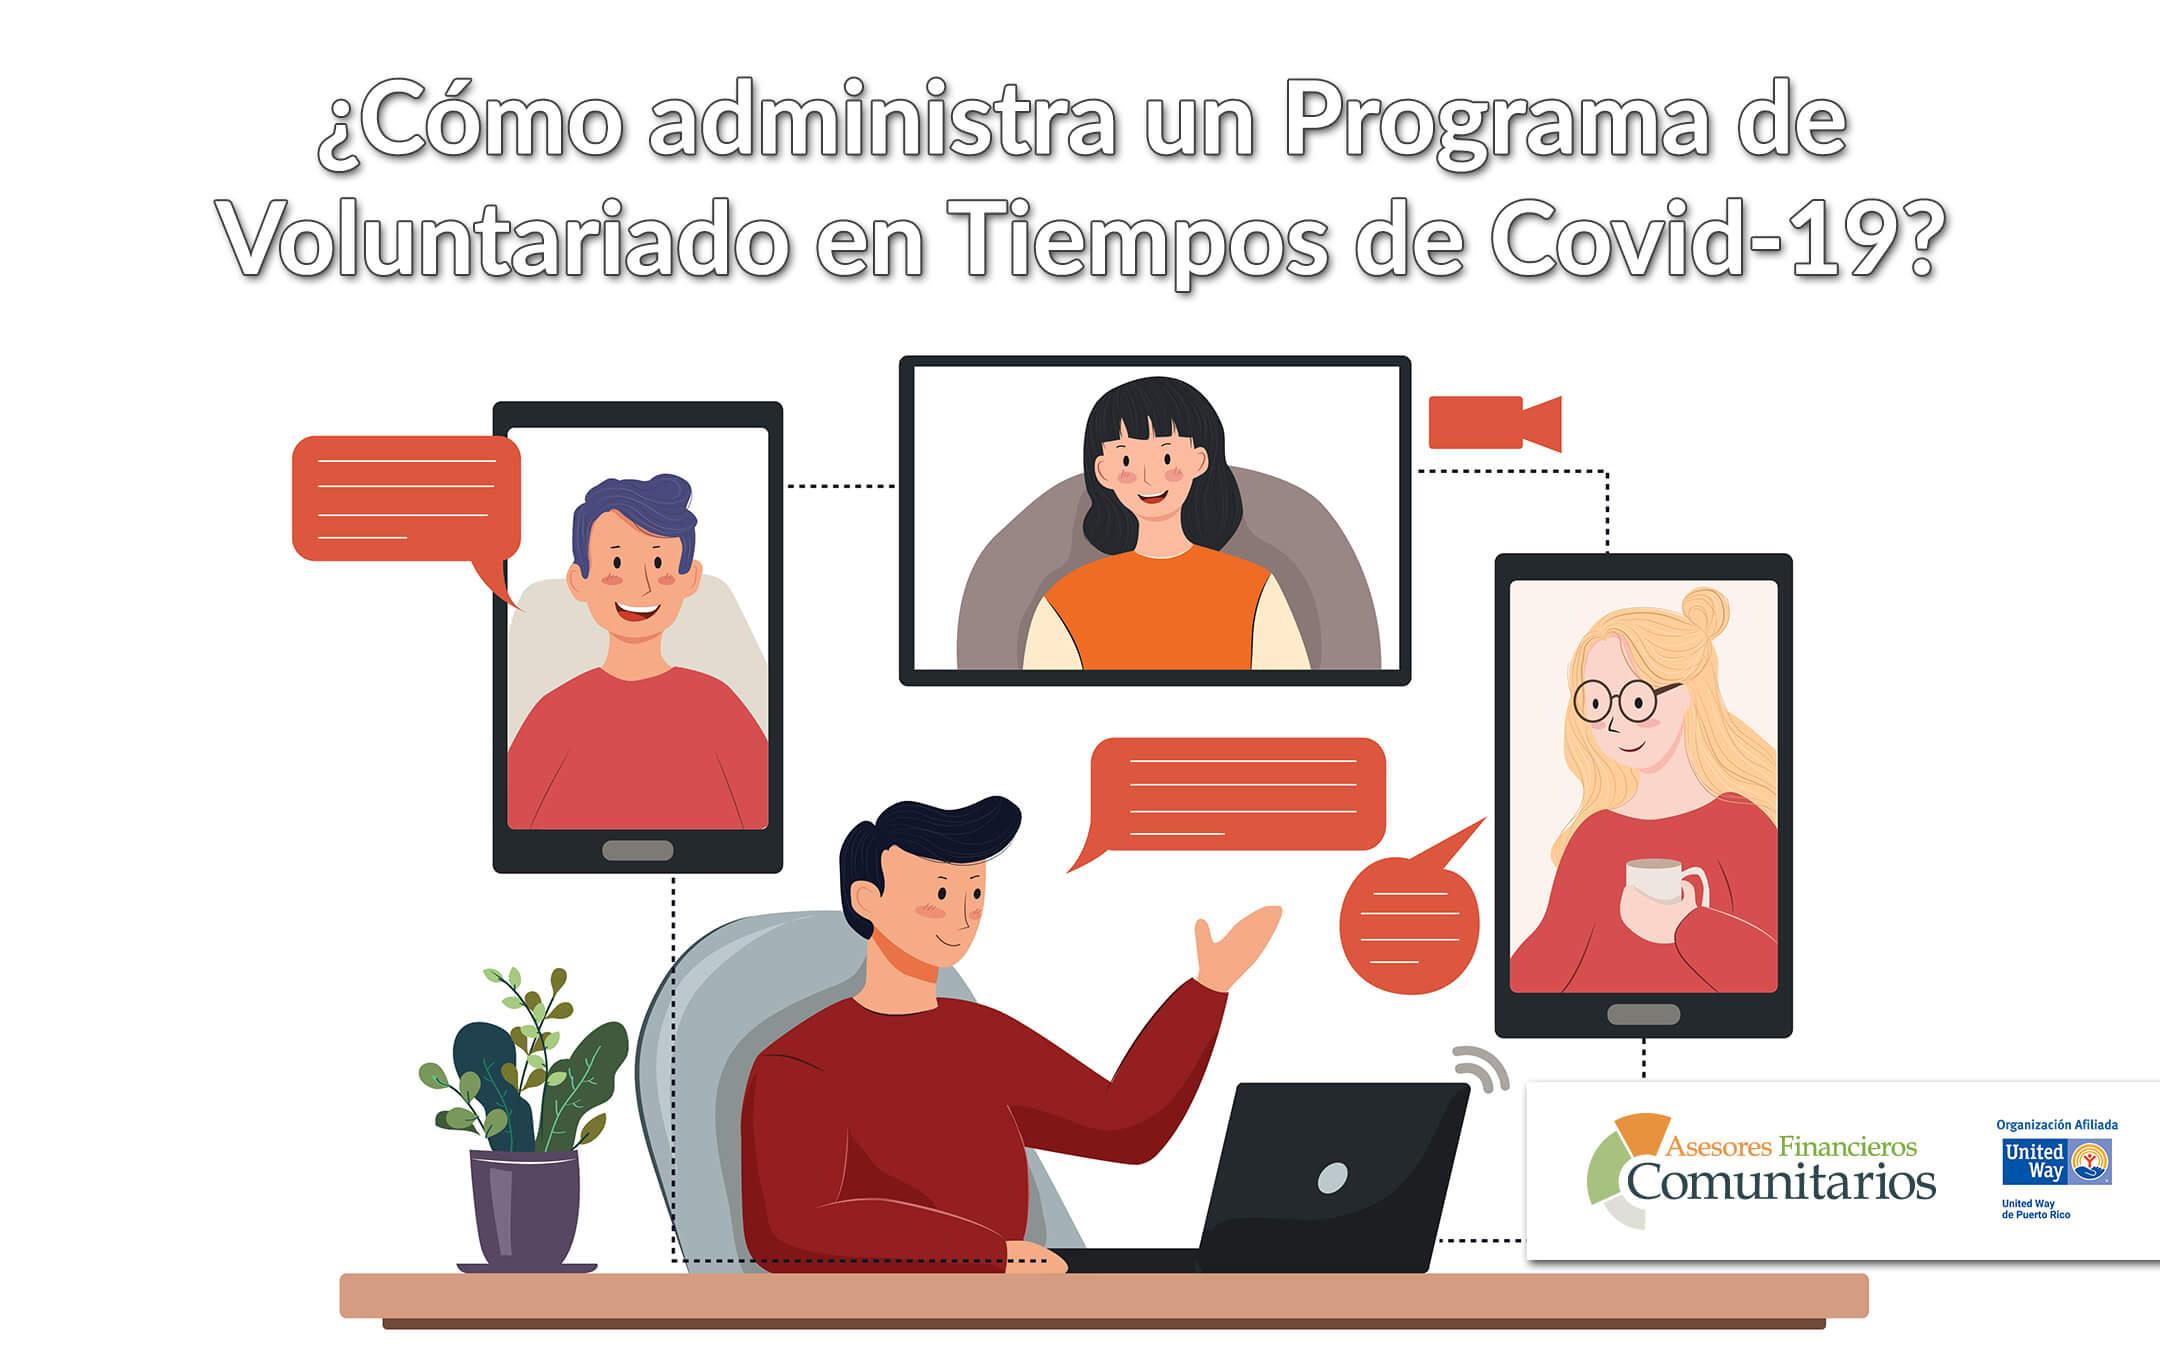 ¿Cómo administrar un Programa de Voluntariado en Tiempos de Covid-19?